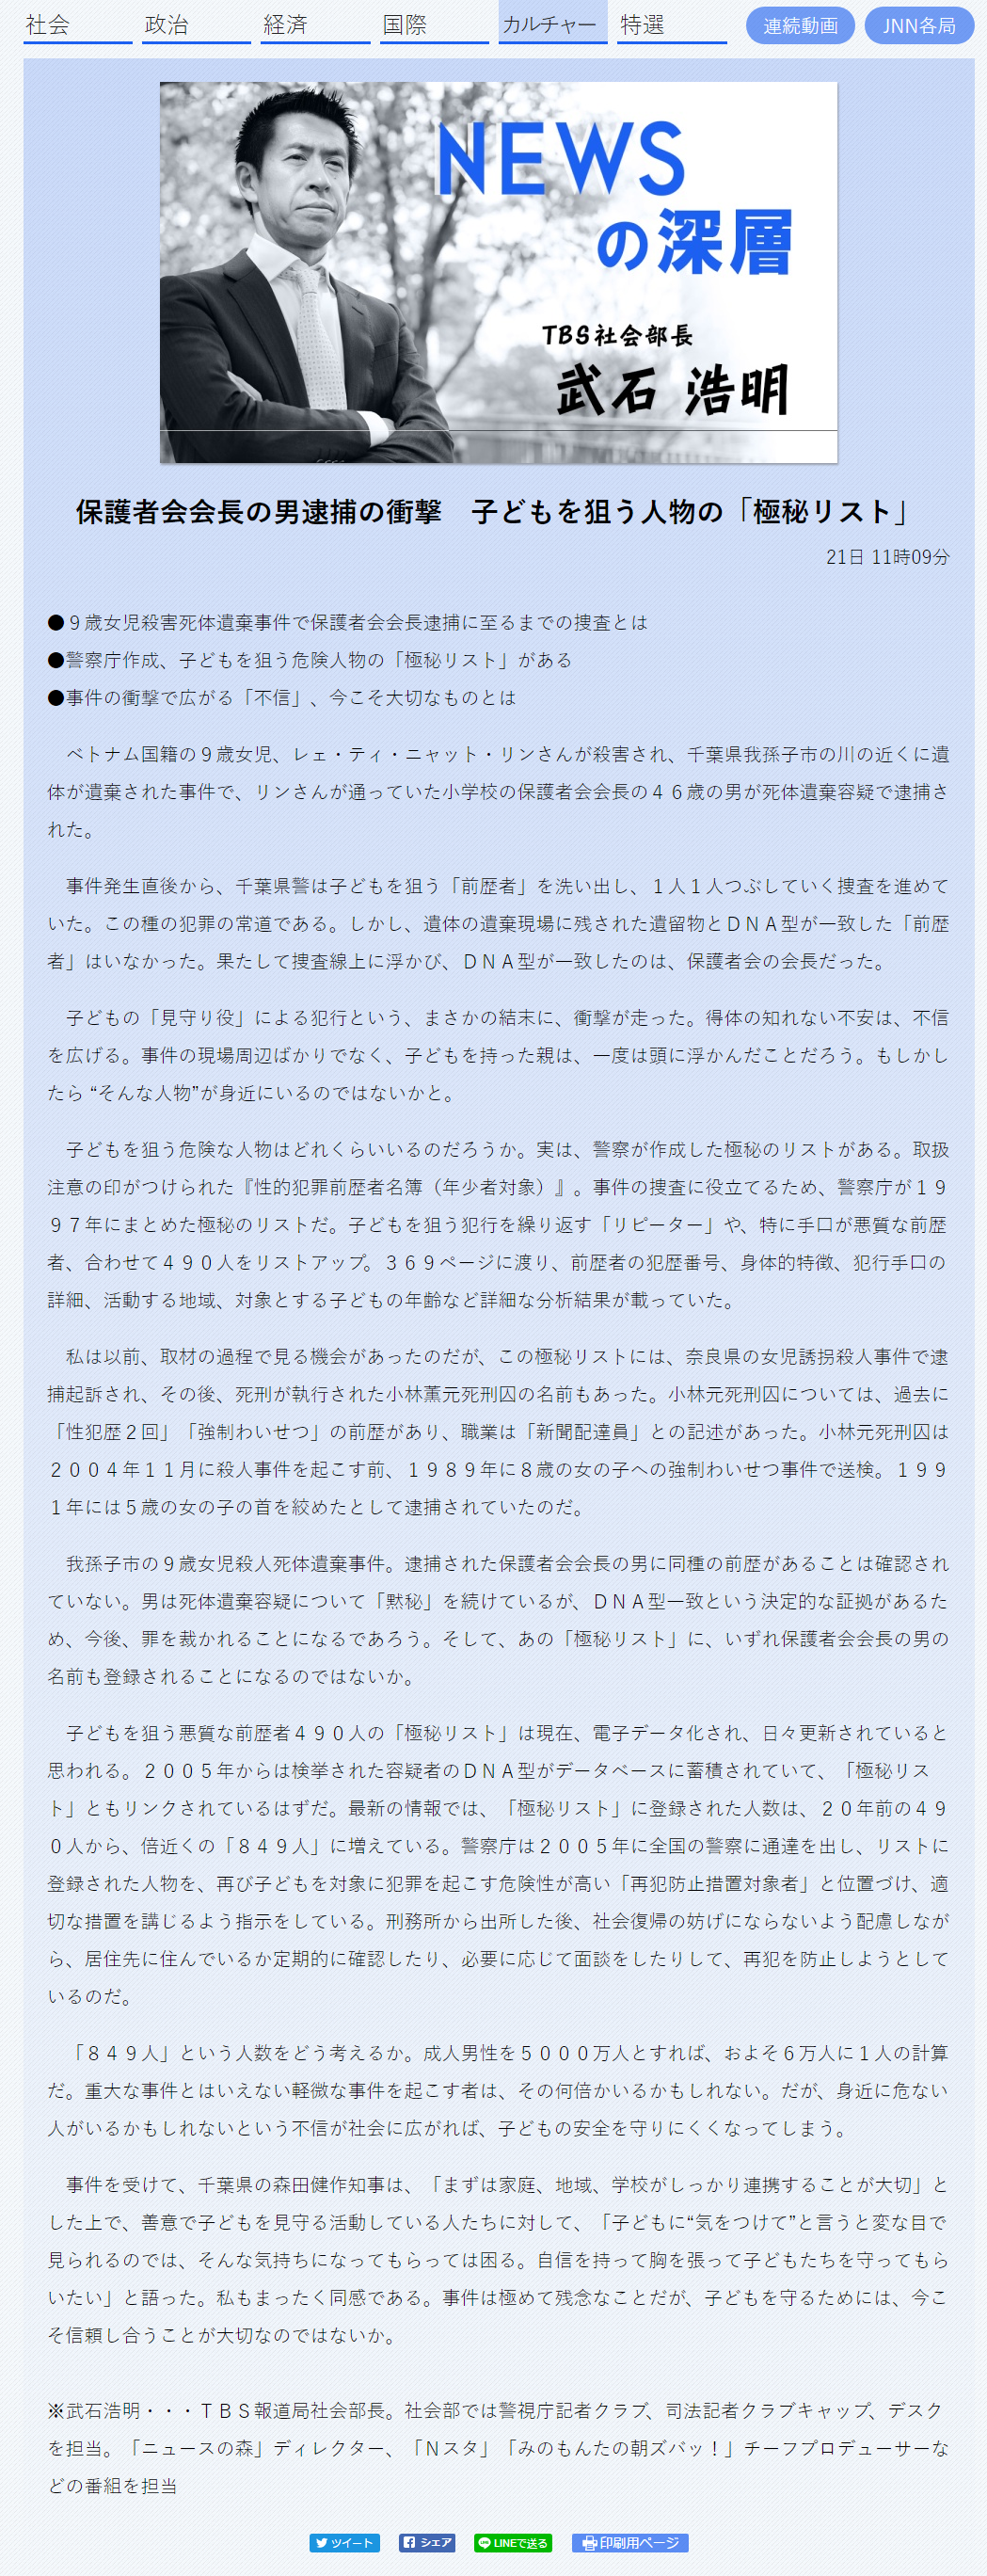 保護者会会長の男逮捕の衝撃 子どもを狙う人物の「極秘リスト」 TBS NEWS